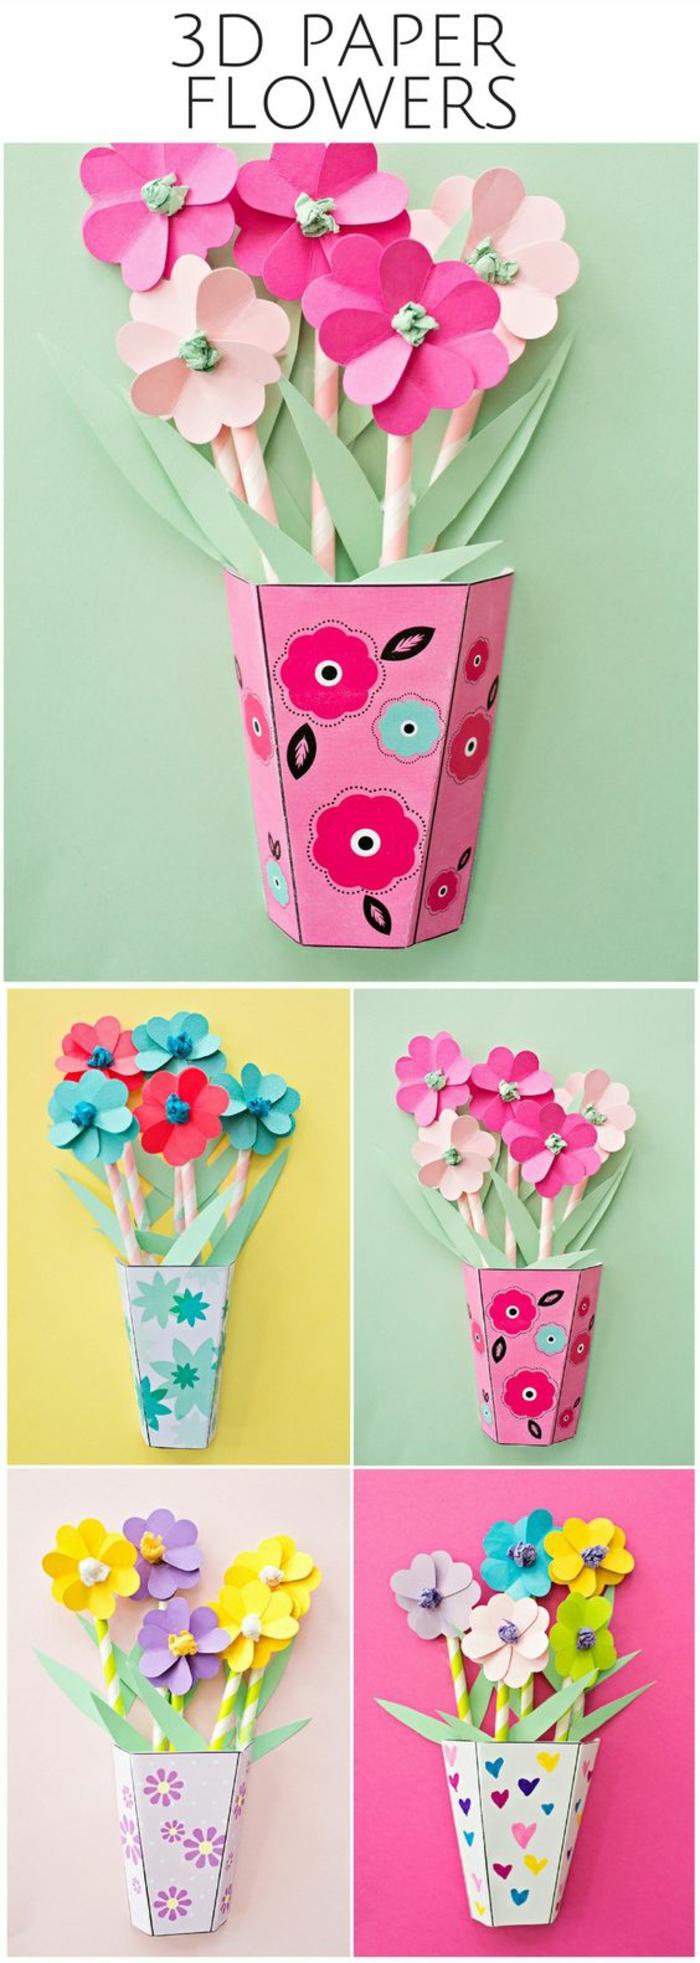 einfache bastelideen zum nachmachen, deko mit papierblumen, blumen aus papier machen, kindergarten basteln